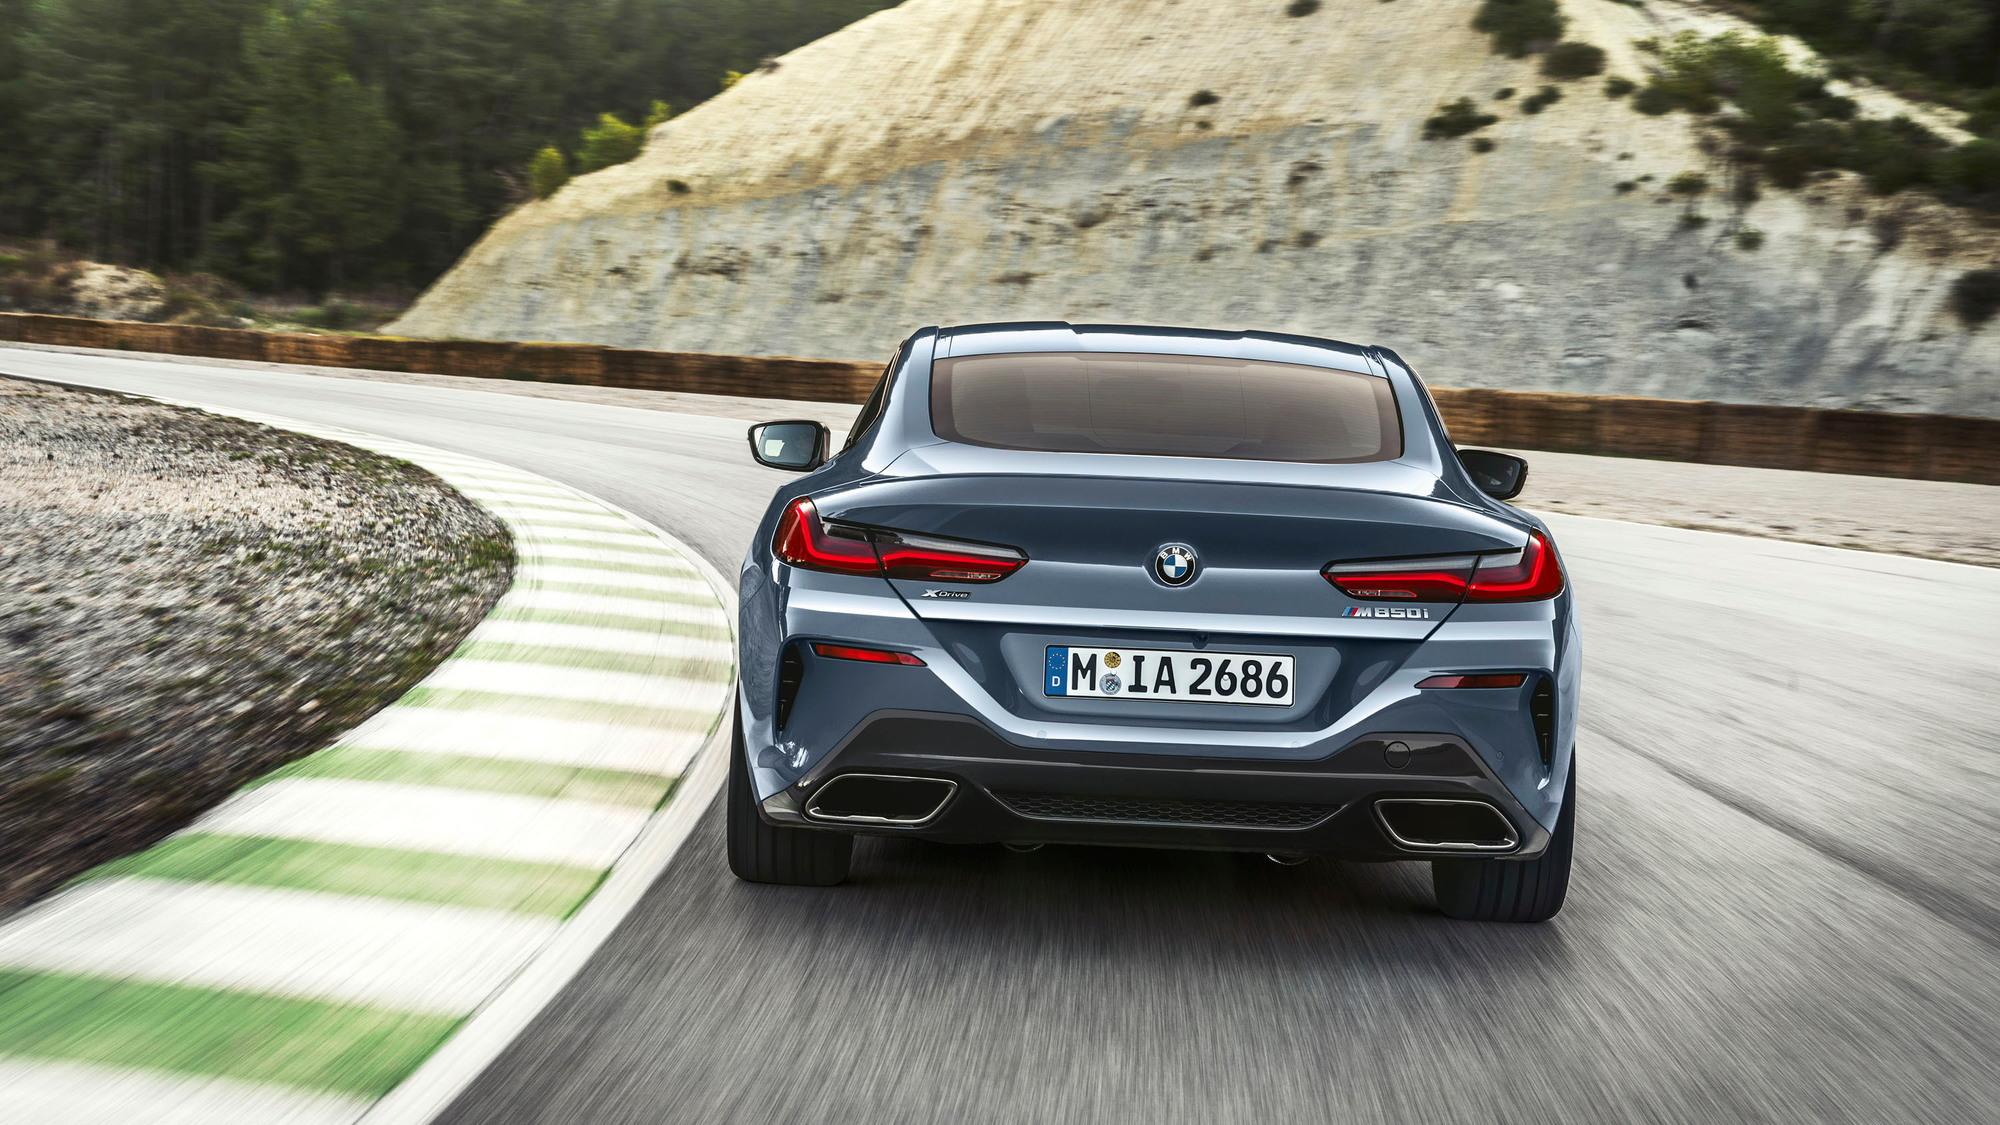 2019 BMW M850i